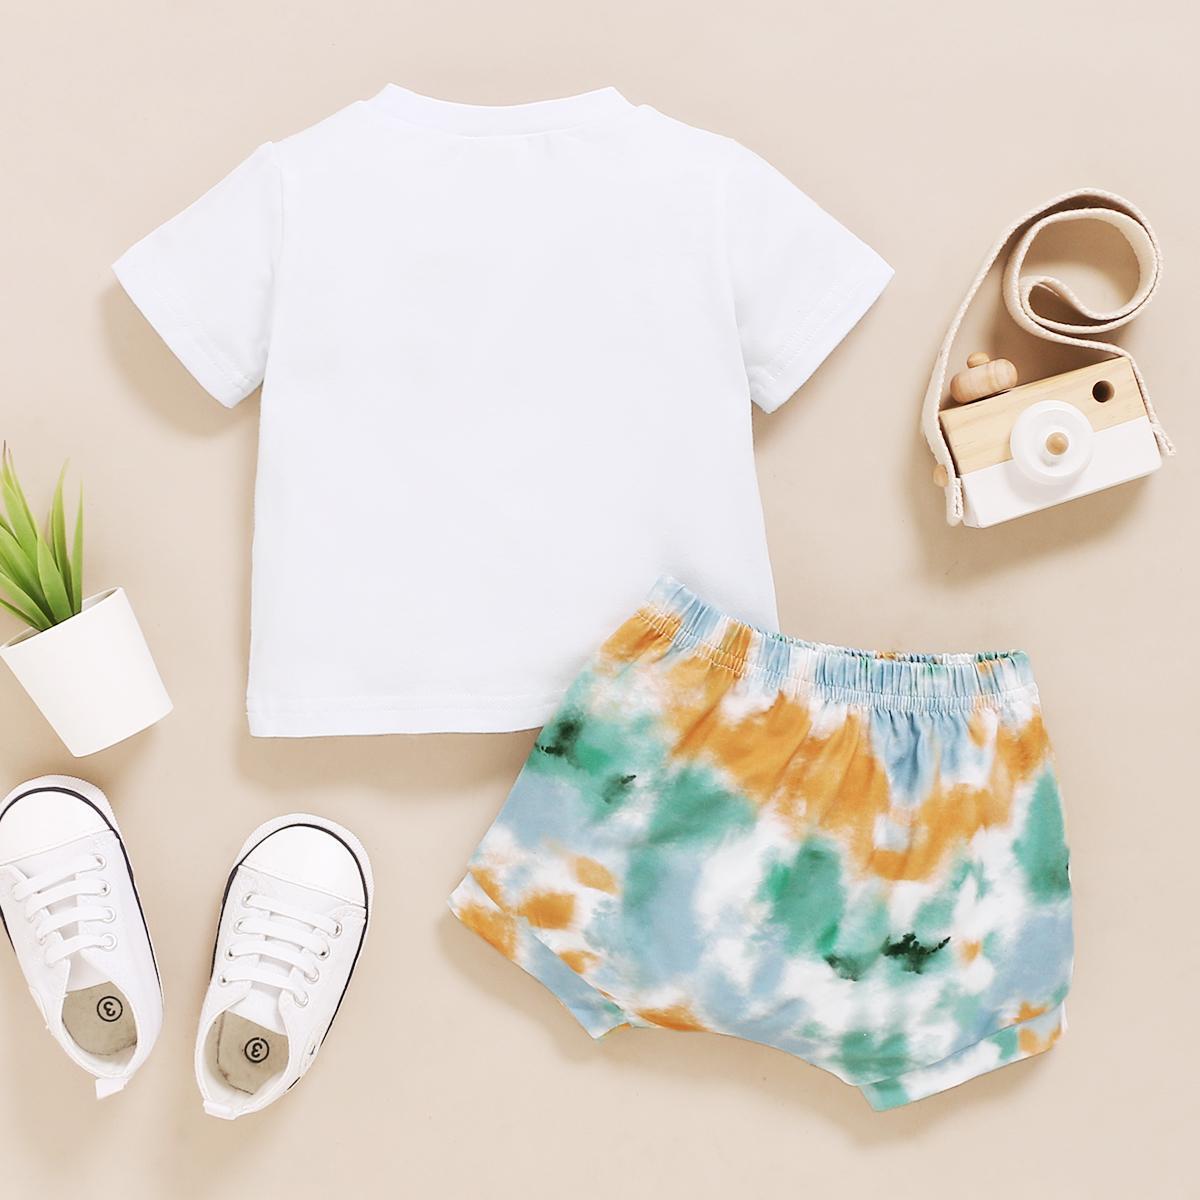 Neue Sommer 2 stücke Baby Mädchen Jungen Kleidung Outfits Kurzarm T-Shirts Tops Krawatten-Krawatten-Shorts Baumwollsets